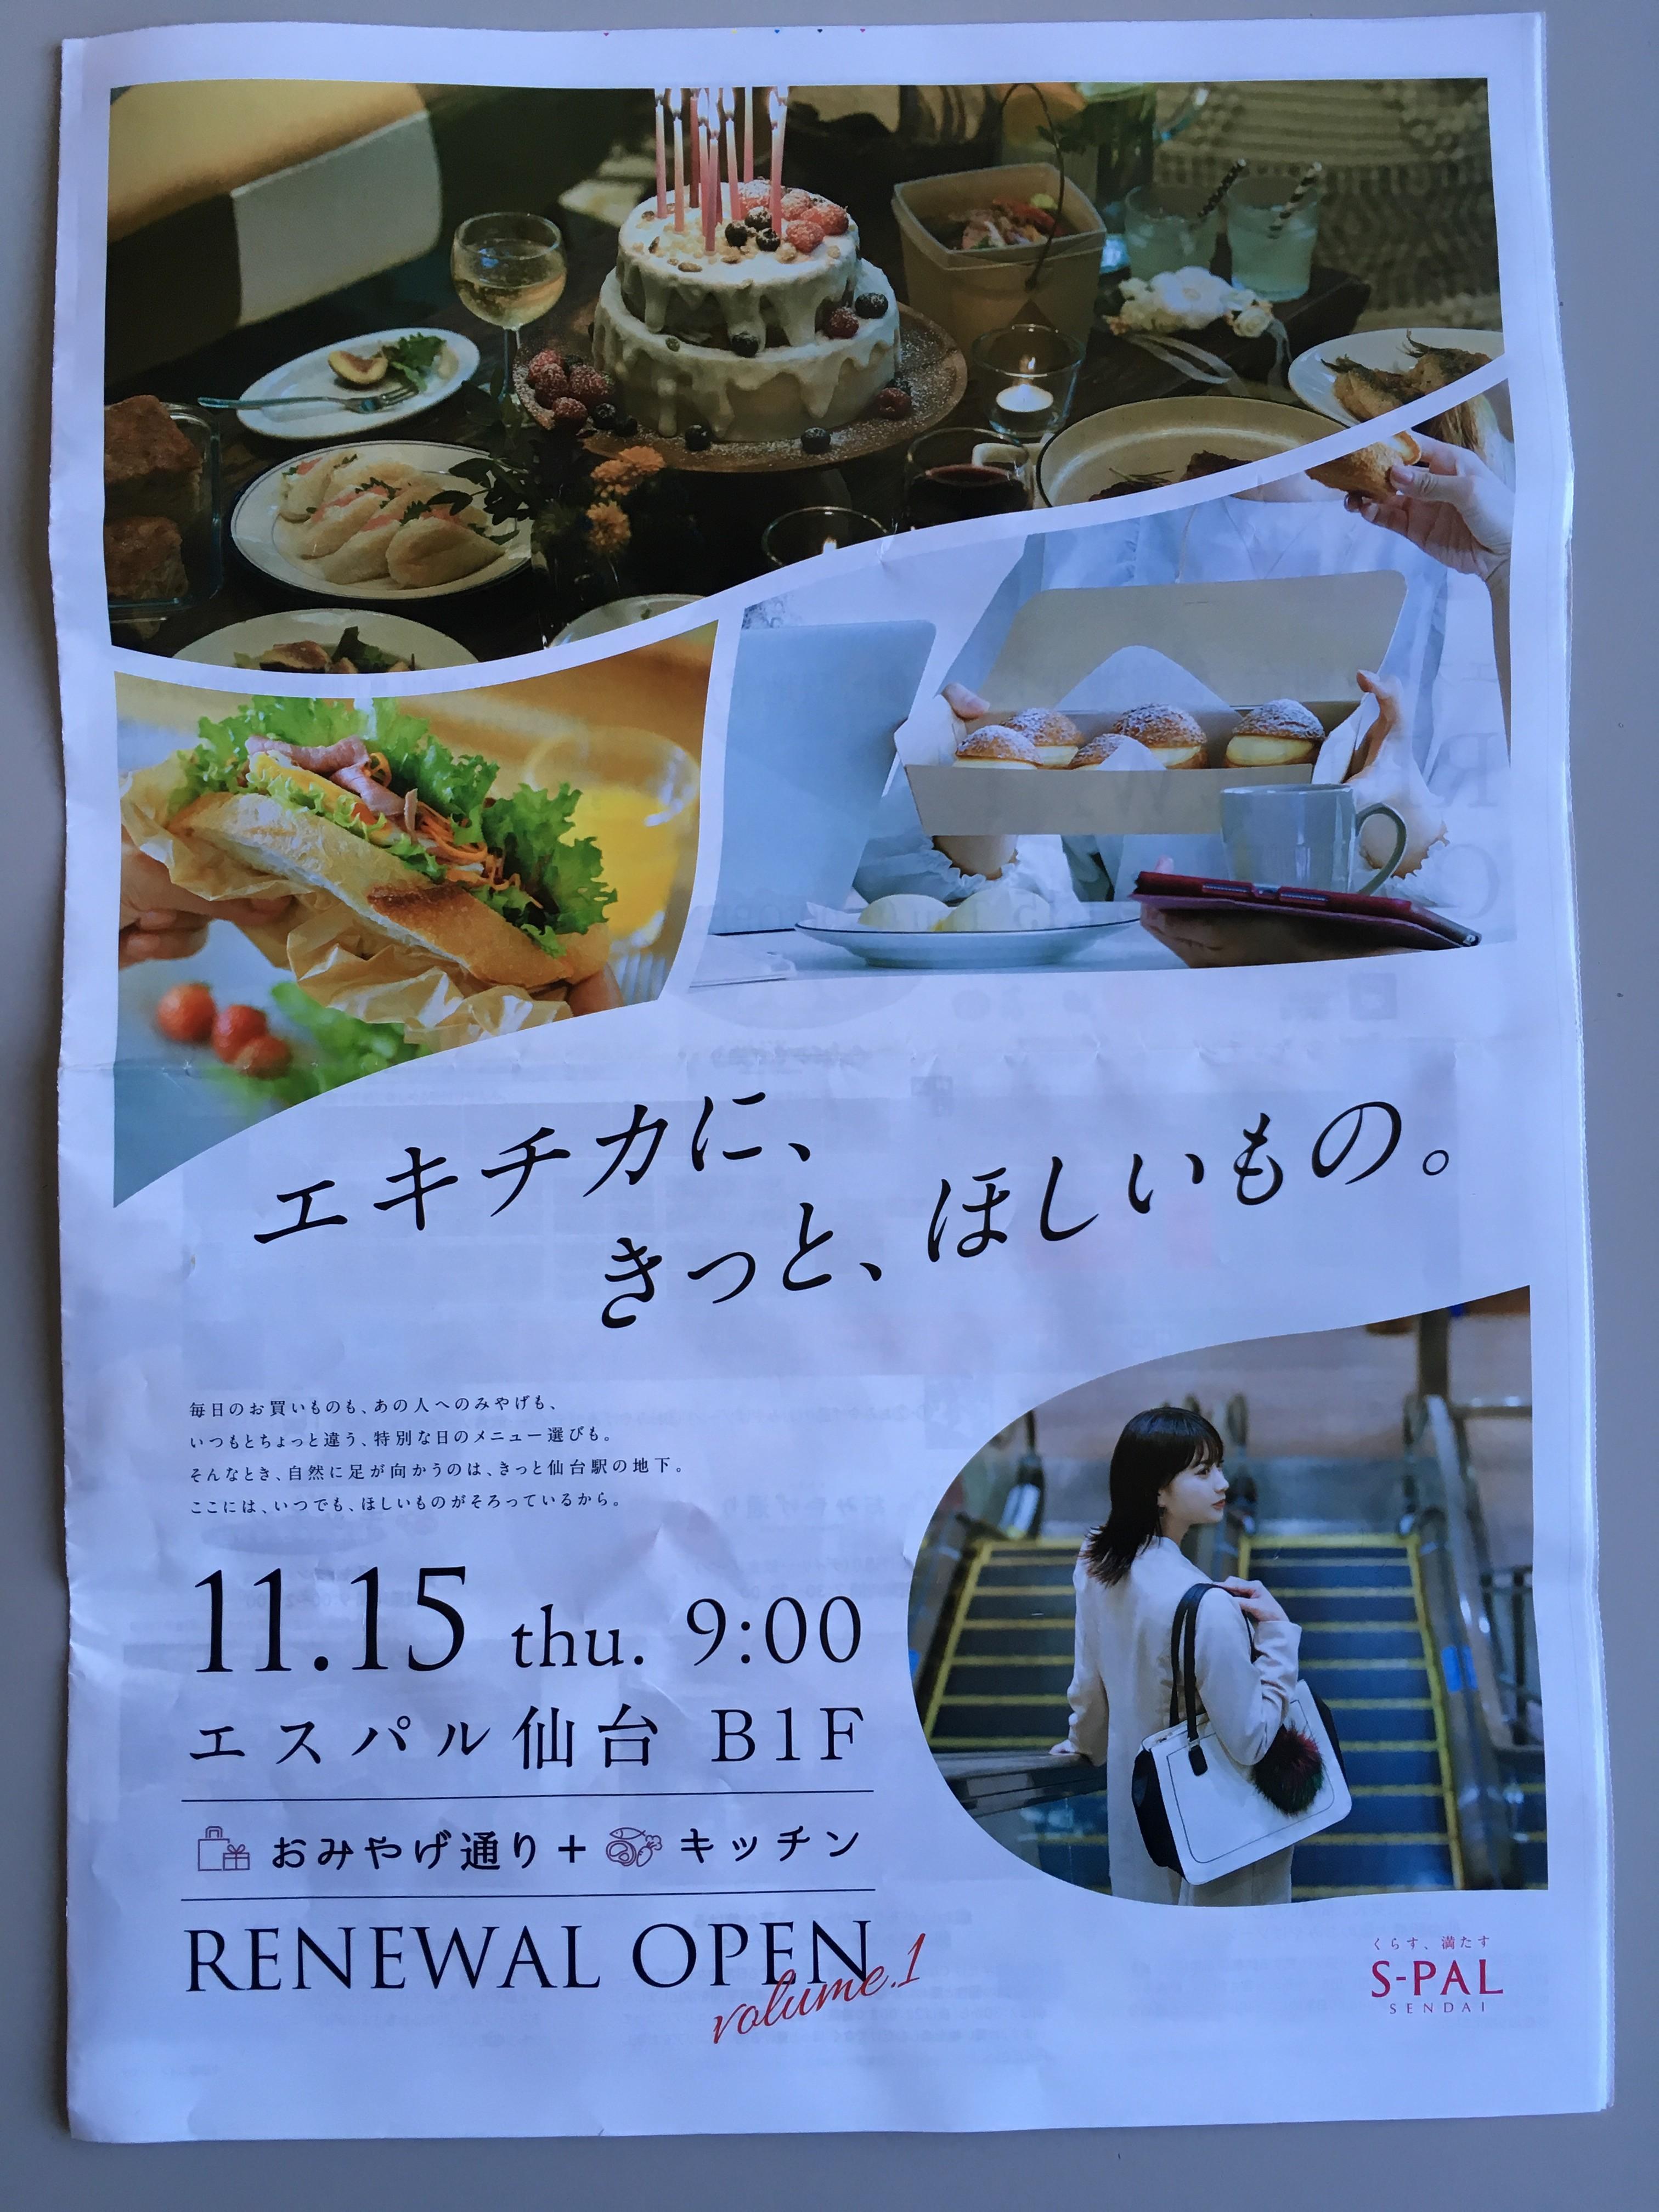 【本日9時リニューアルOPEN】エスパル仙台B1F!!仙台情報♪